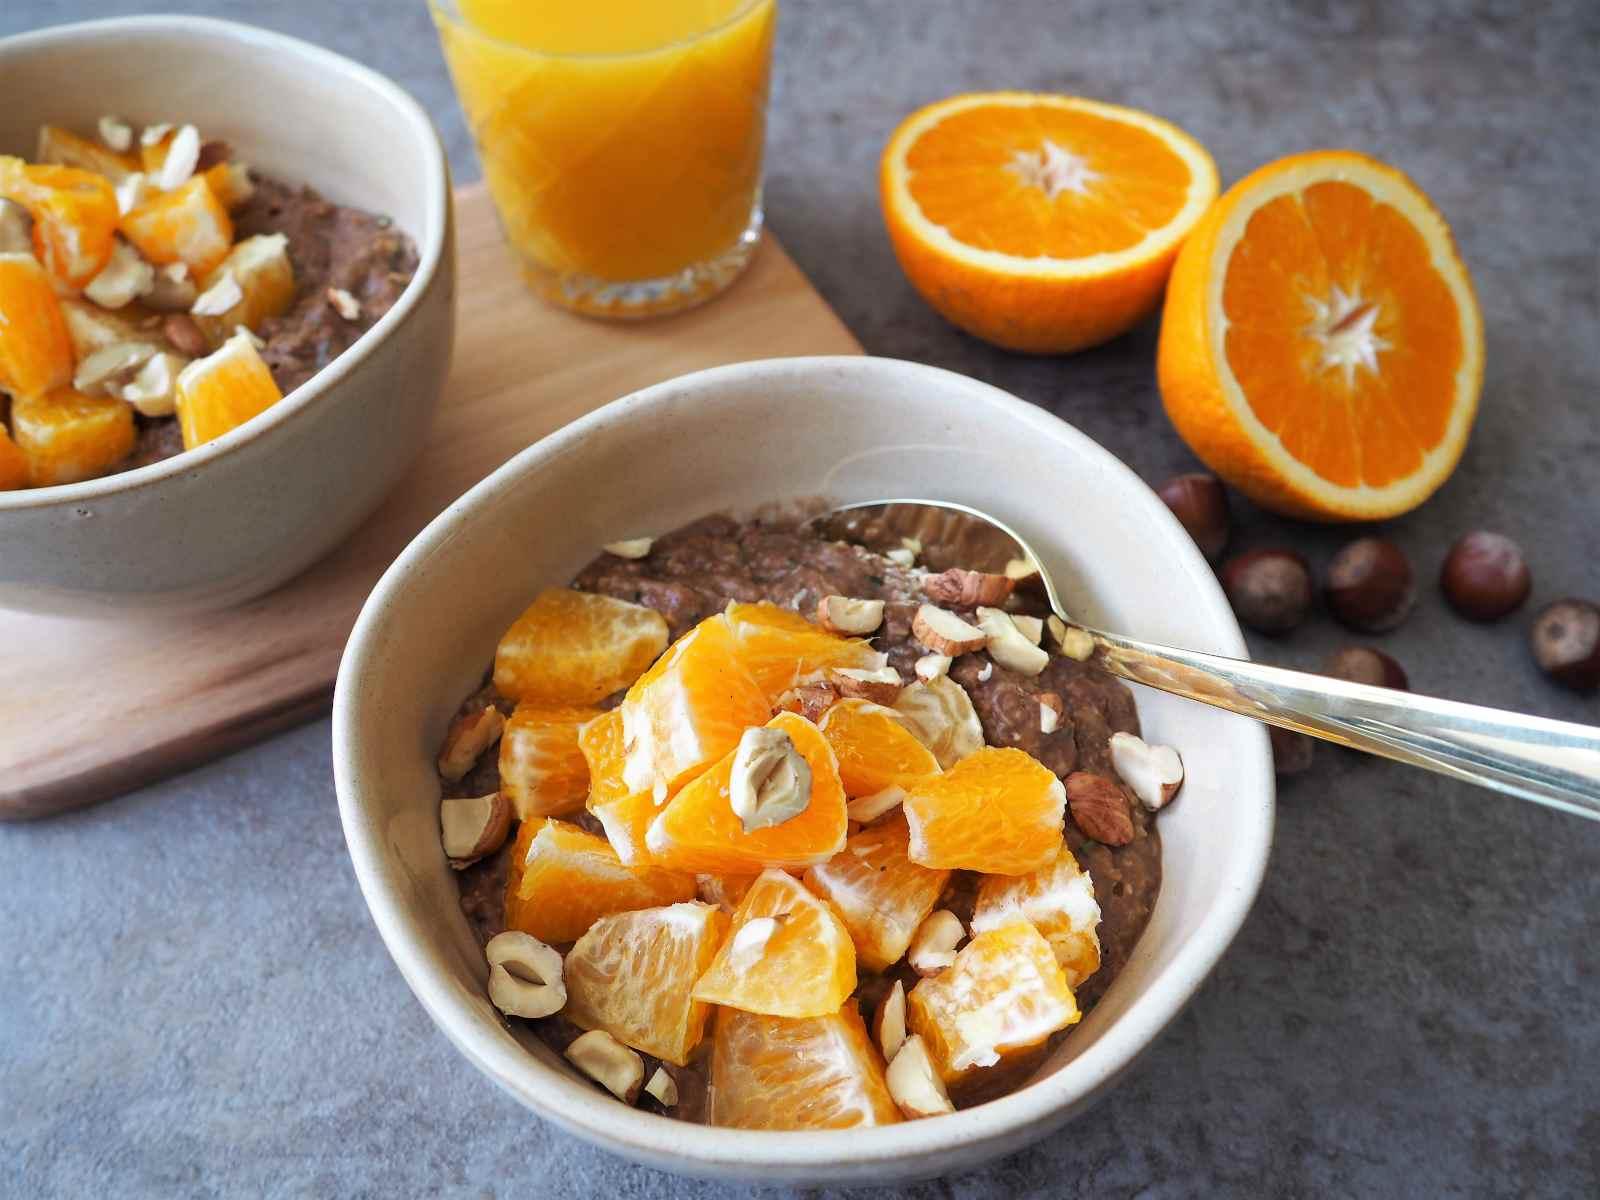 Schokoladiges Zucchini-Orangen-Porridge angerichtet mit Nüssen und Orangensaft